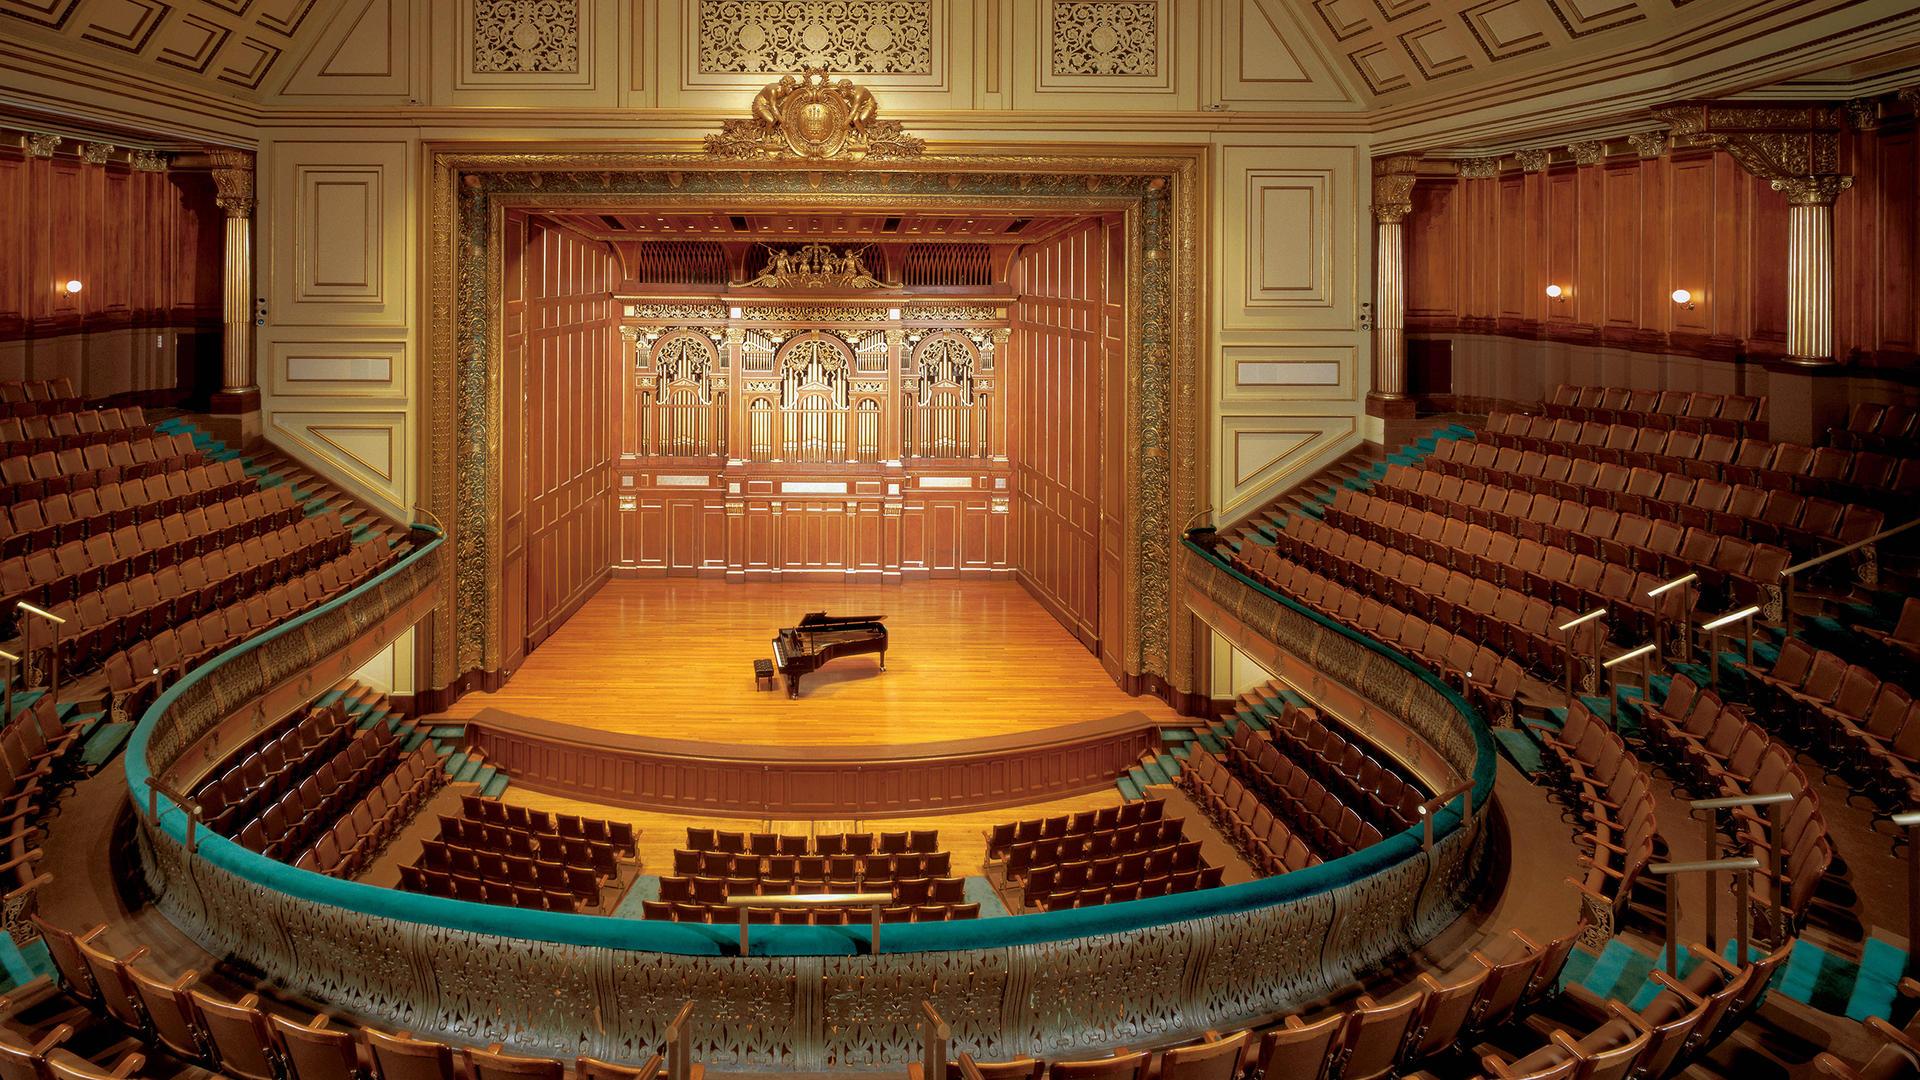 新英格兰音乐学院(The New England Conservatory)是美国一所历史悠久的学院,以严谨的学科制度和创新型的协作方式而闻名。今天小编来带大家看看新英格兰音乐学院一年学费要多少?学费贵吗?